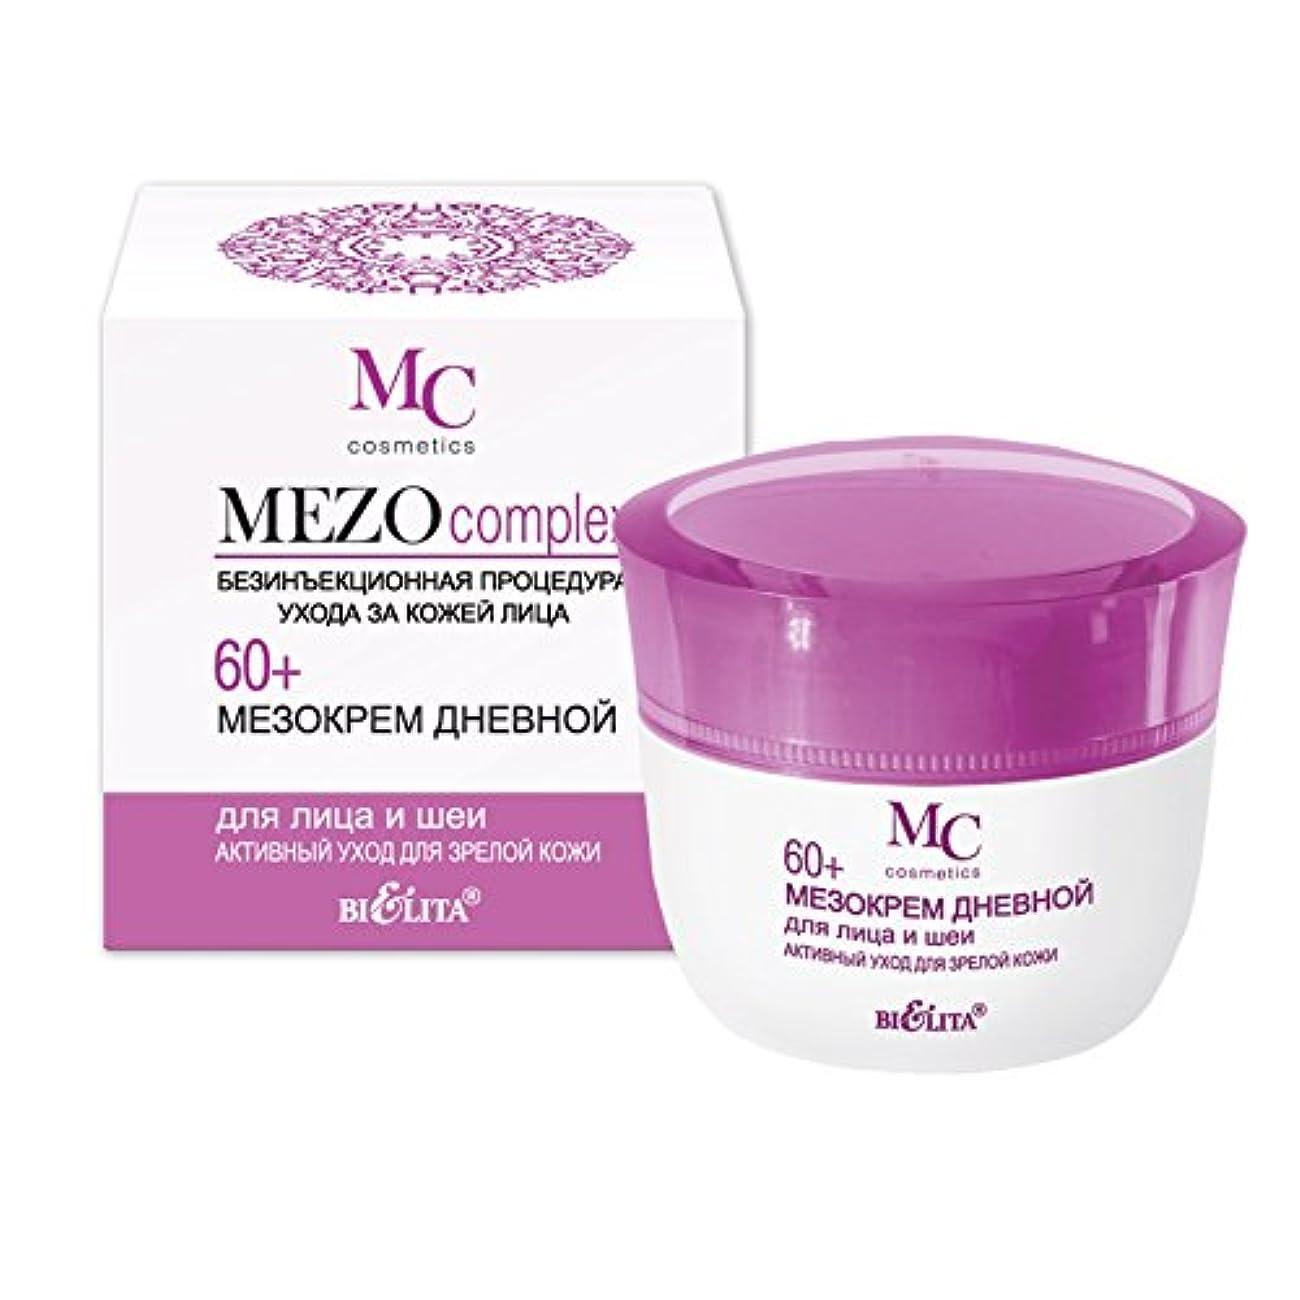 ナチュラル地獄実質的Saturated Day Cream (MEZO) is specially designed for the care of mature skin of the face | Hyaluronic acid, Vitamin...